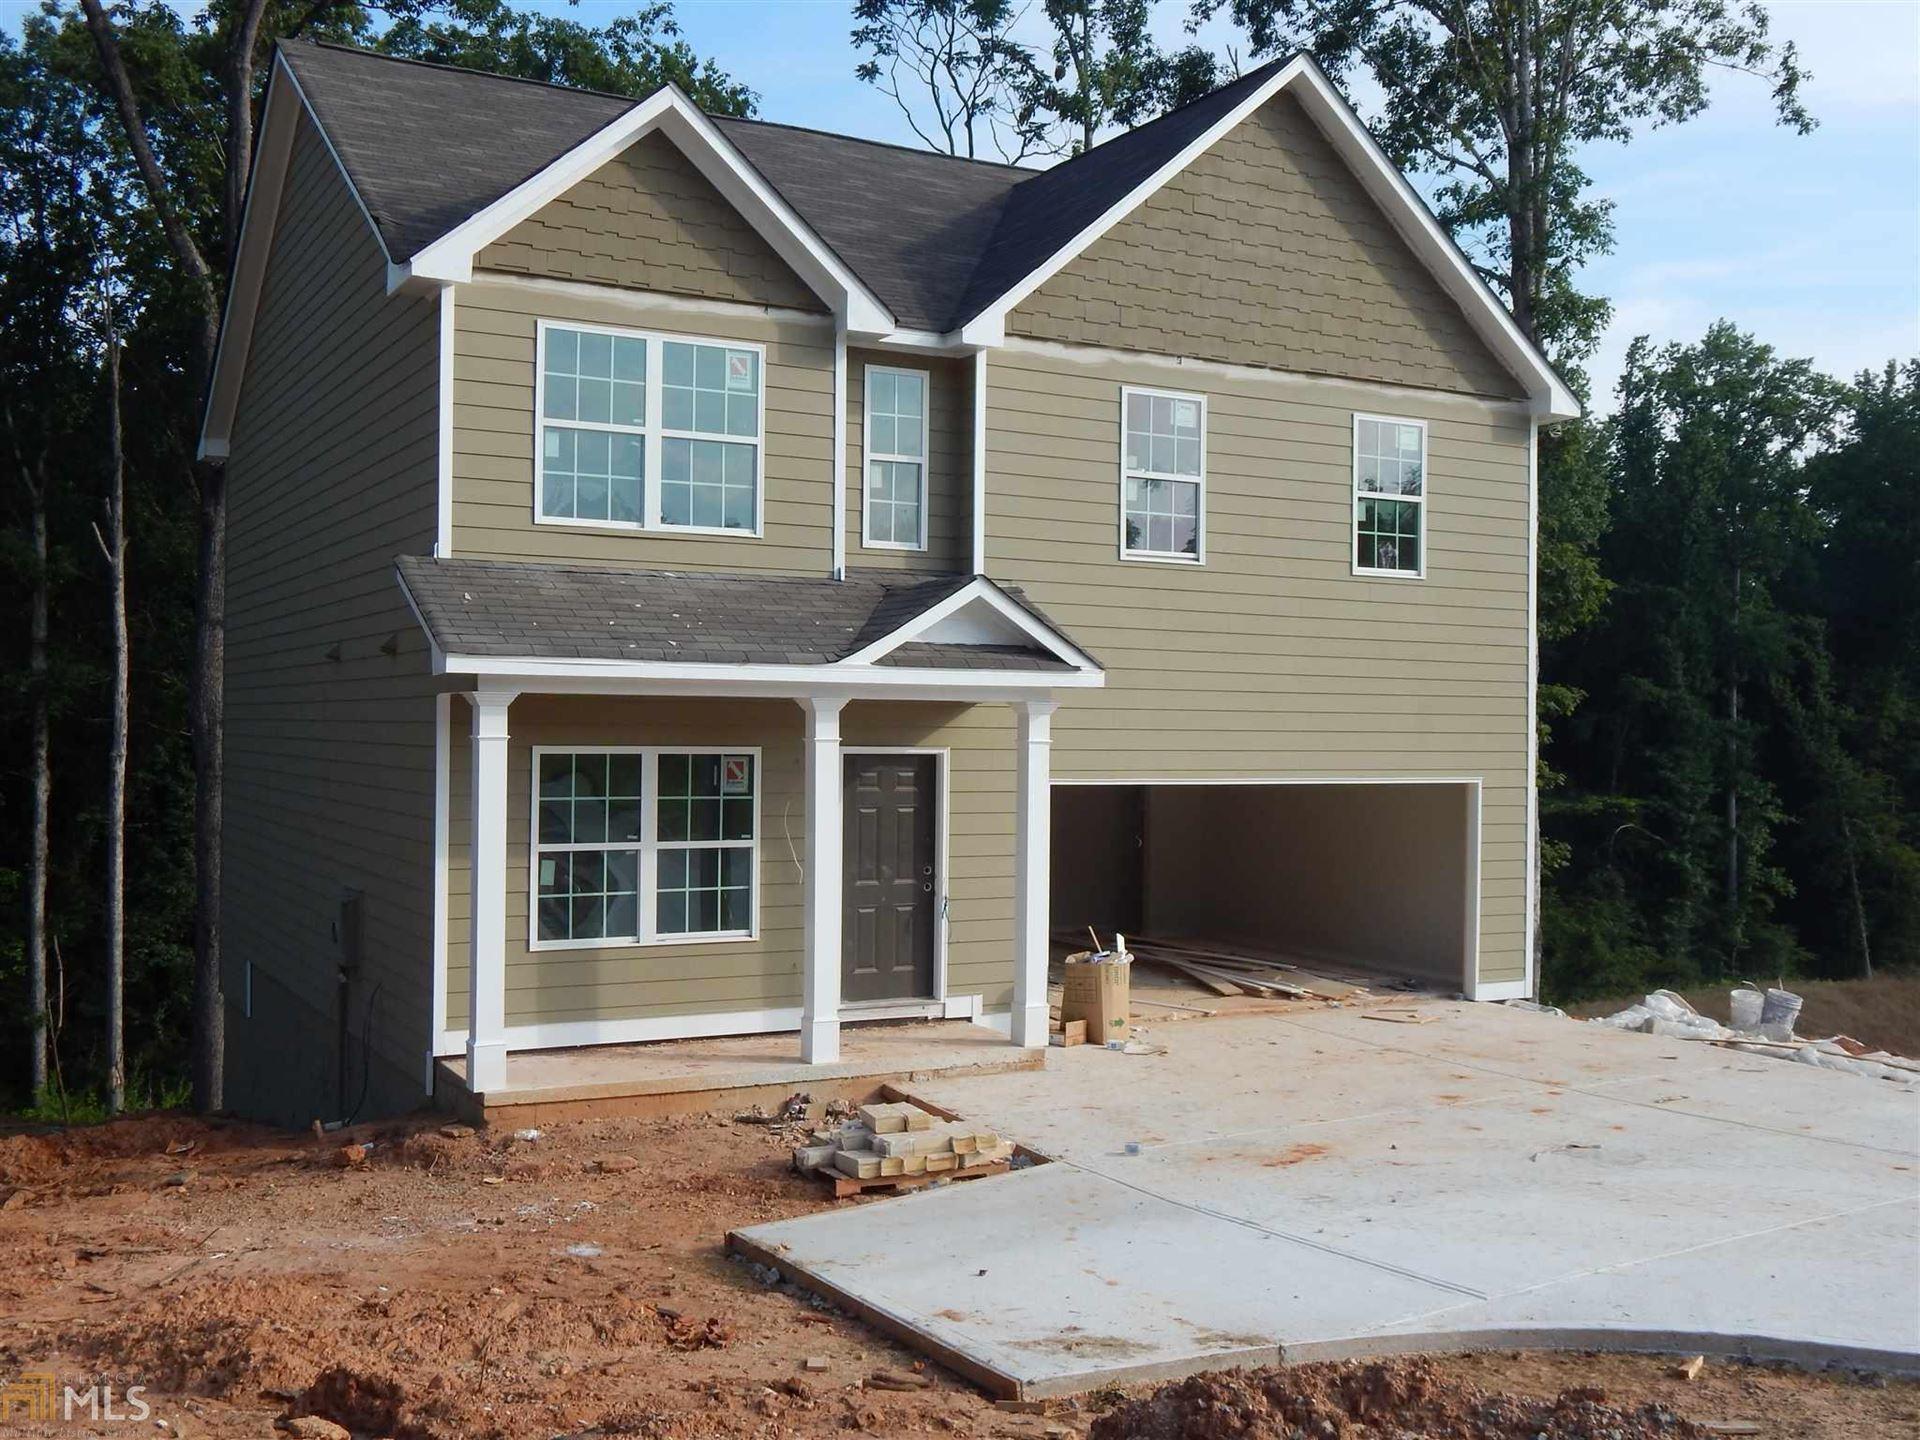 55 Erin Way, Commerce, GA 30529 - MLS#: 8826399